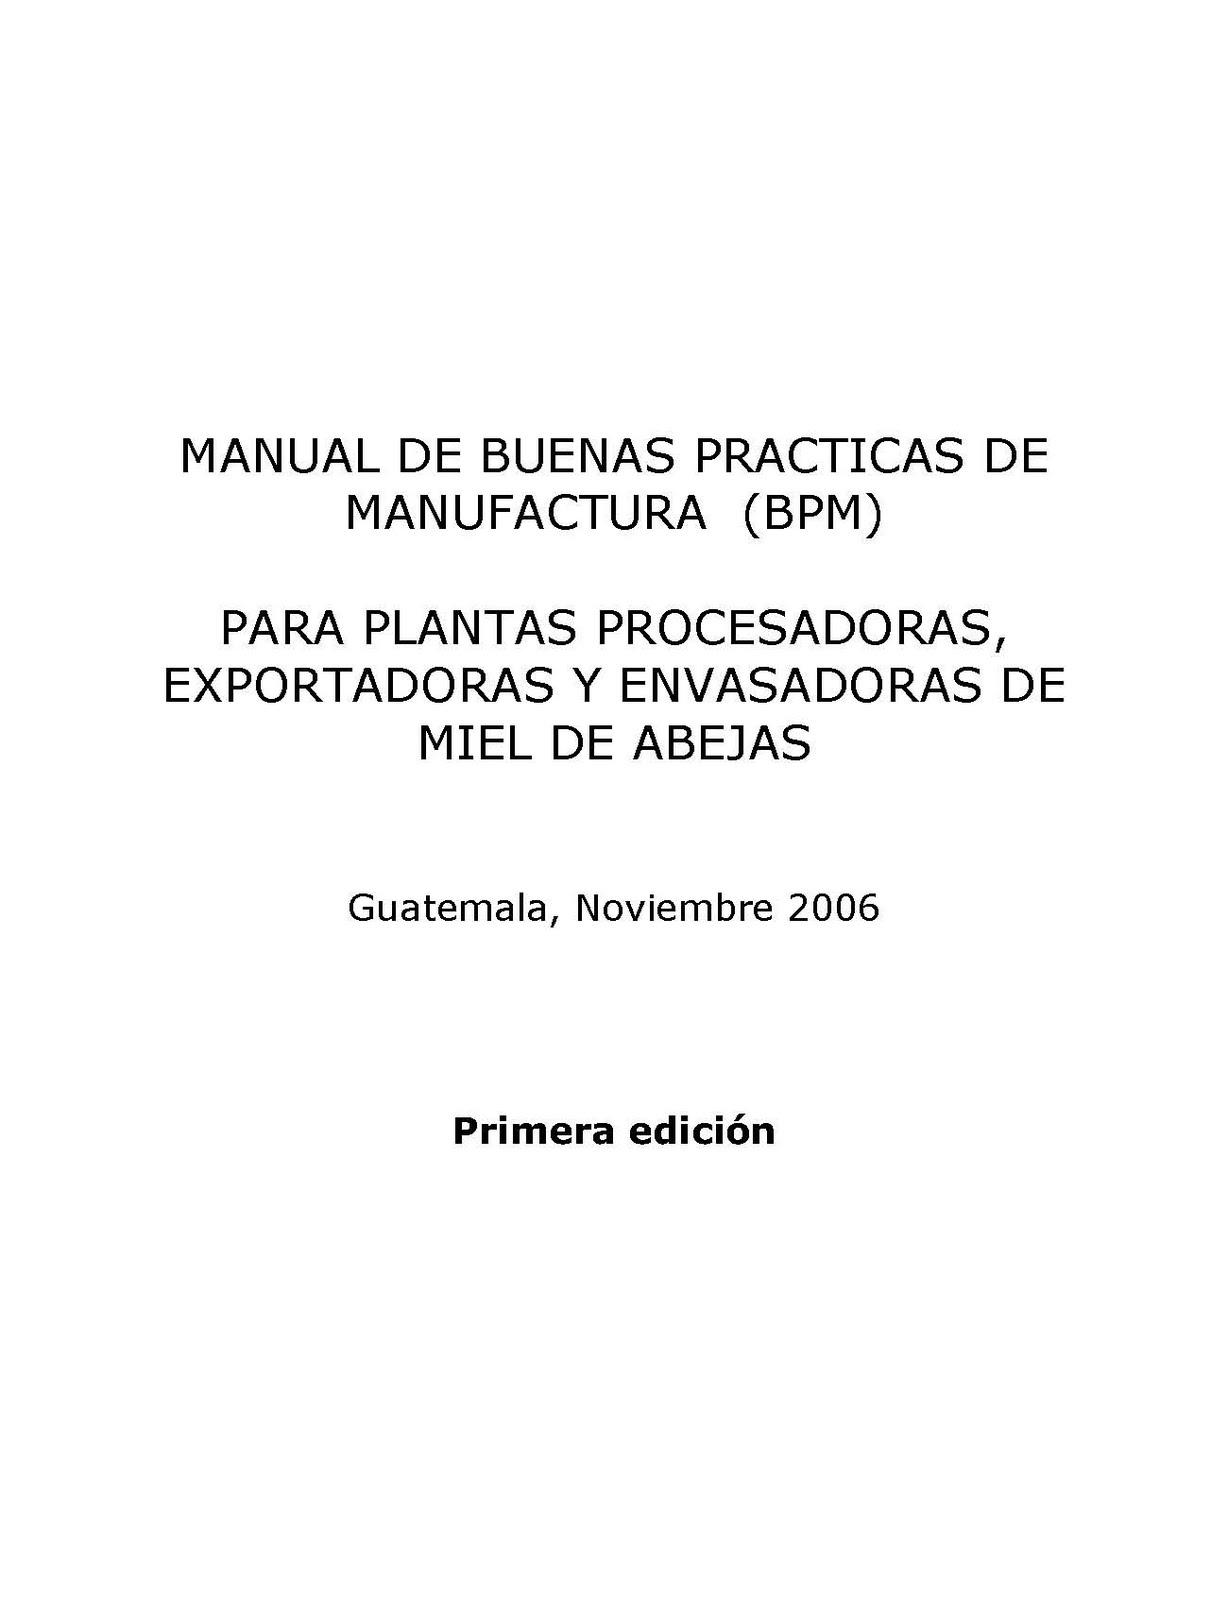 Hades Manual De Buenas Pr Cticas De Manufactura Bpm: manual de buenas practicas de manufactura pdf